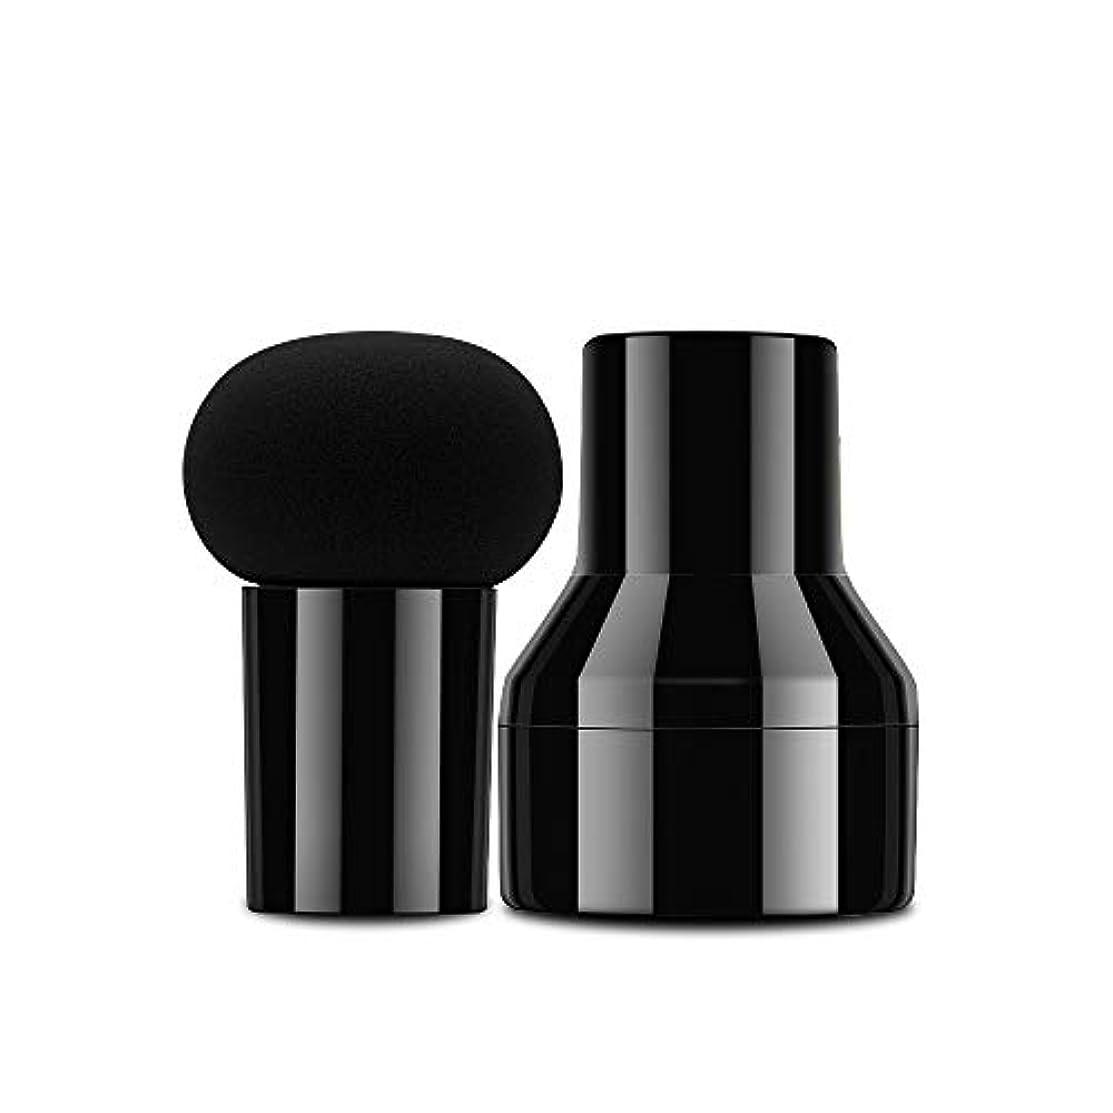 良性遠近法アドバンテージCatMoz 多機能メイク用マッシュルーム型スポンジパフ ケース付き ブラック